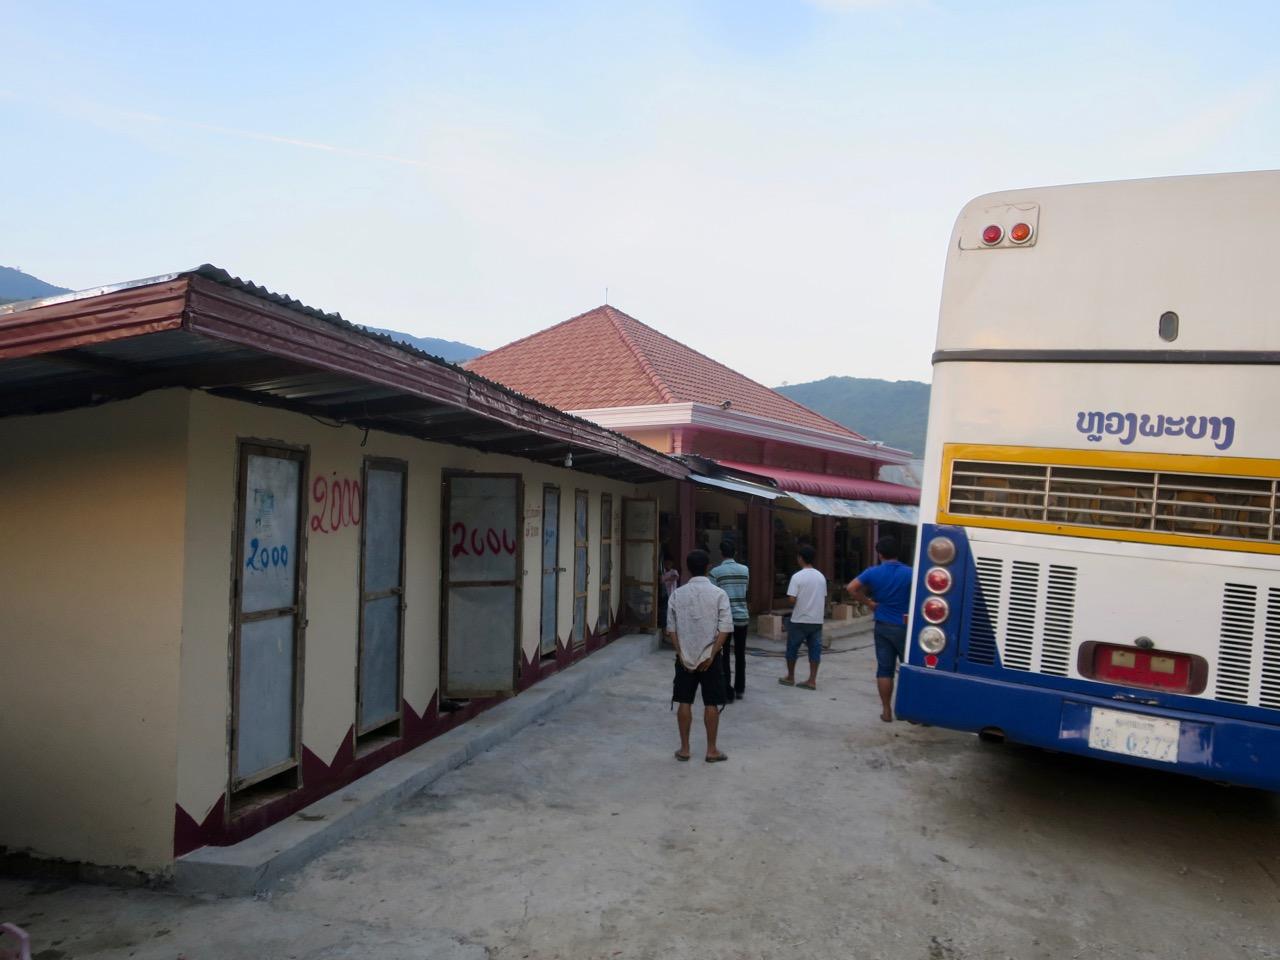 Laos interior 1 22